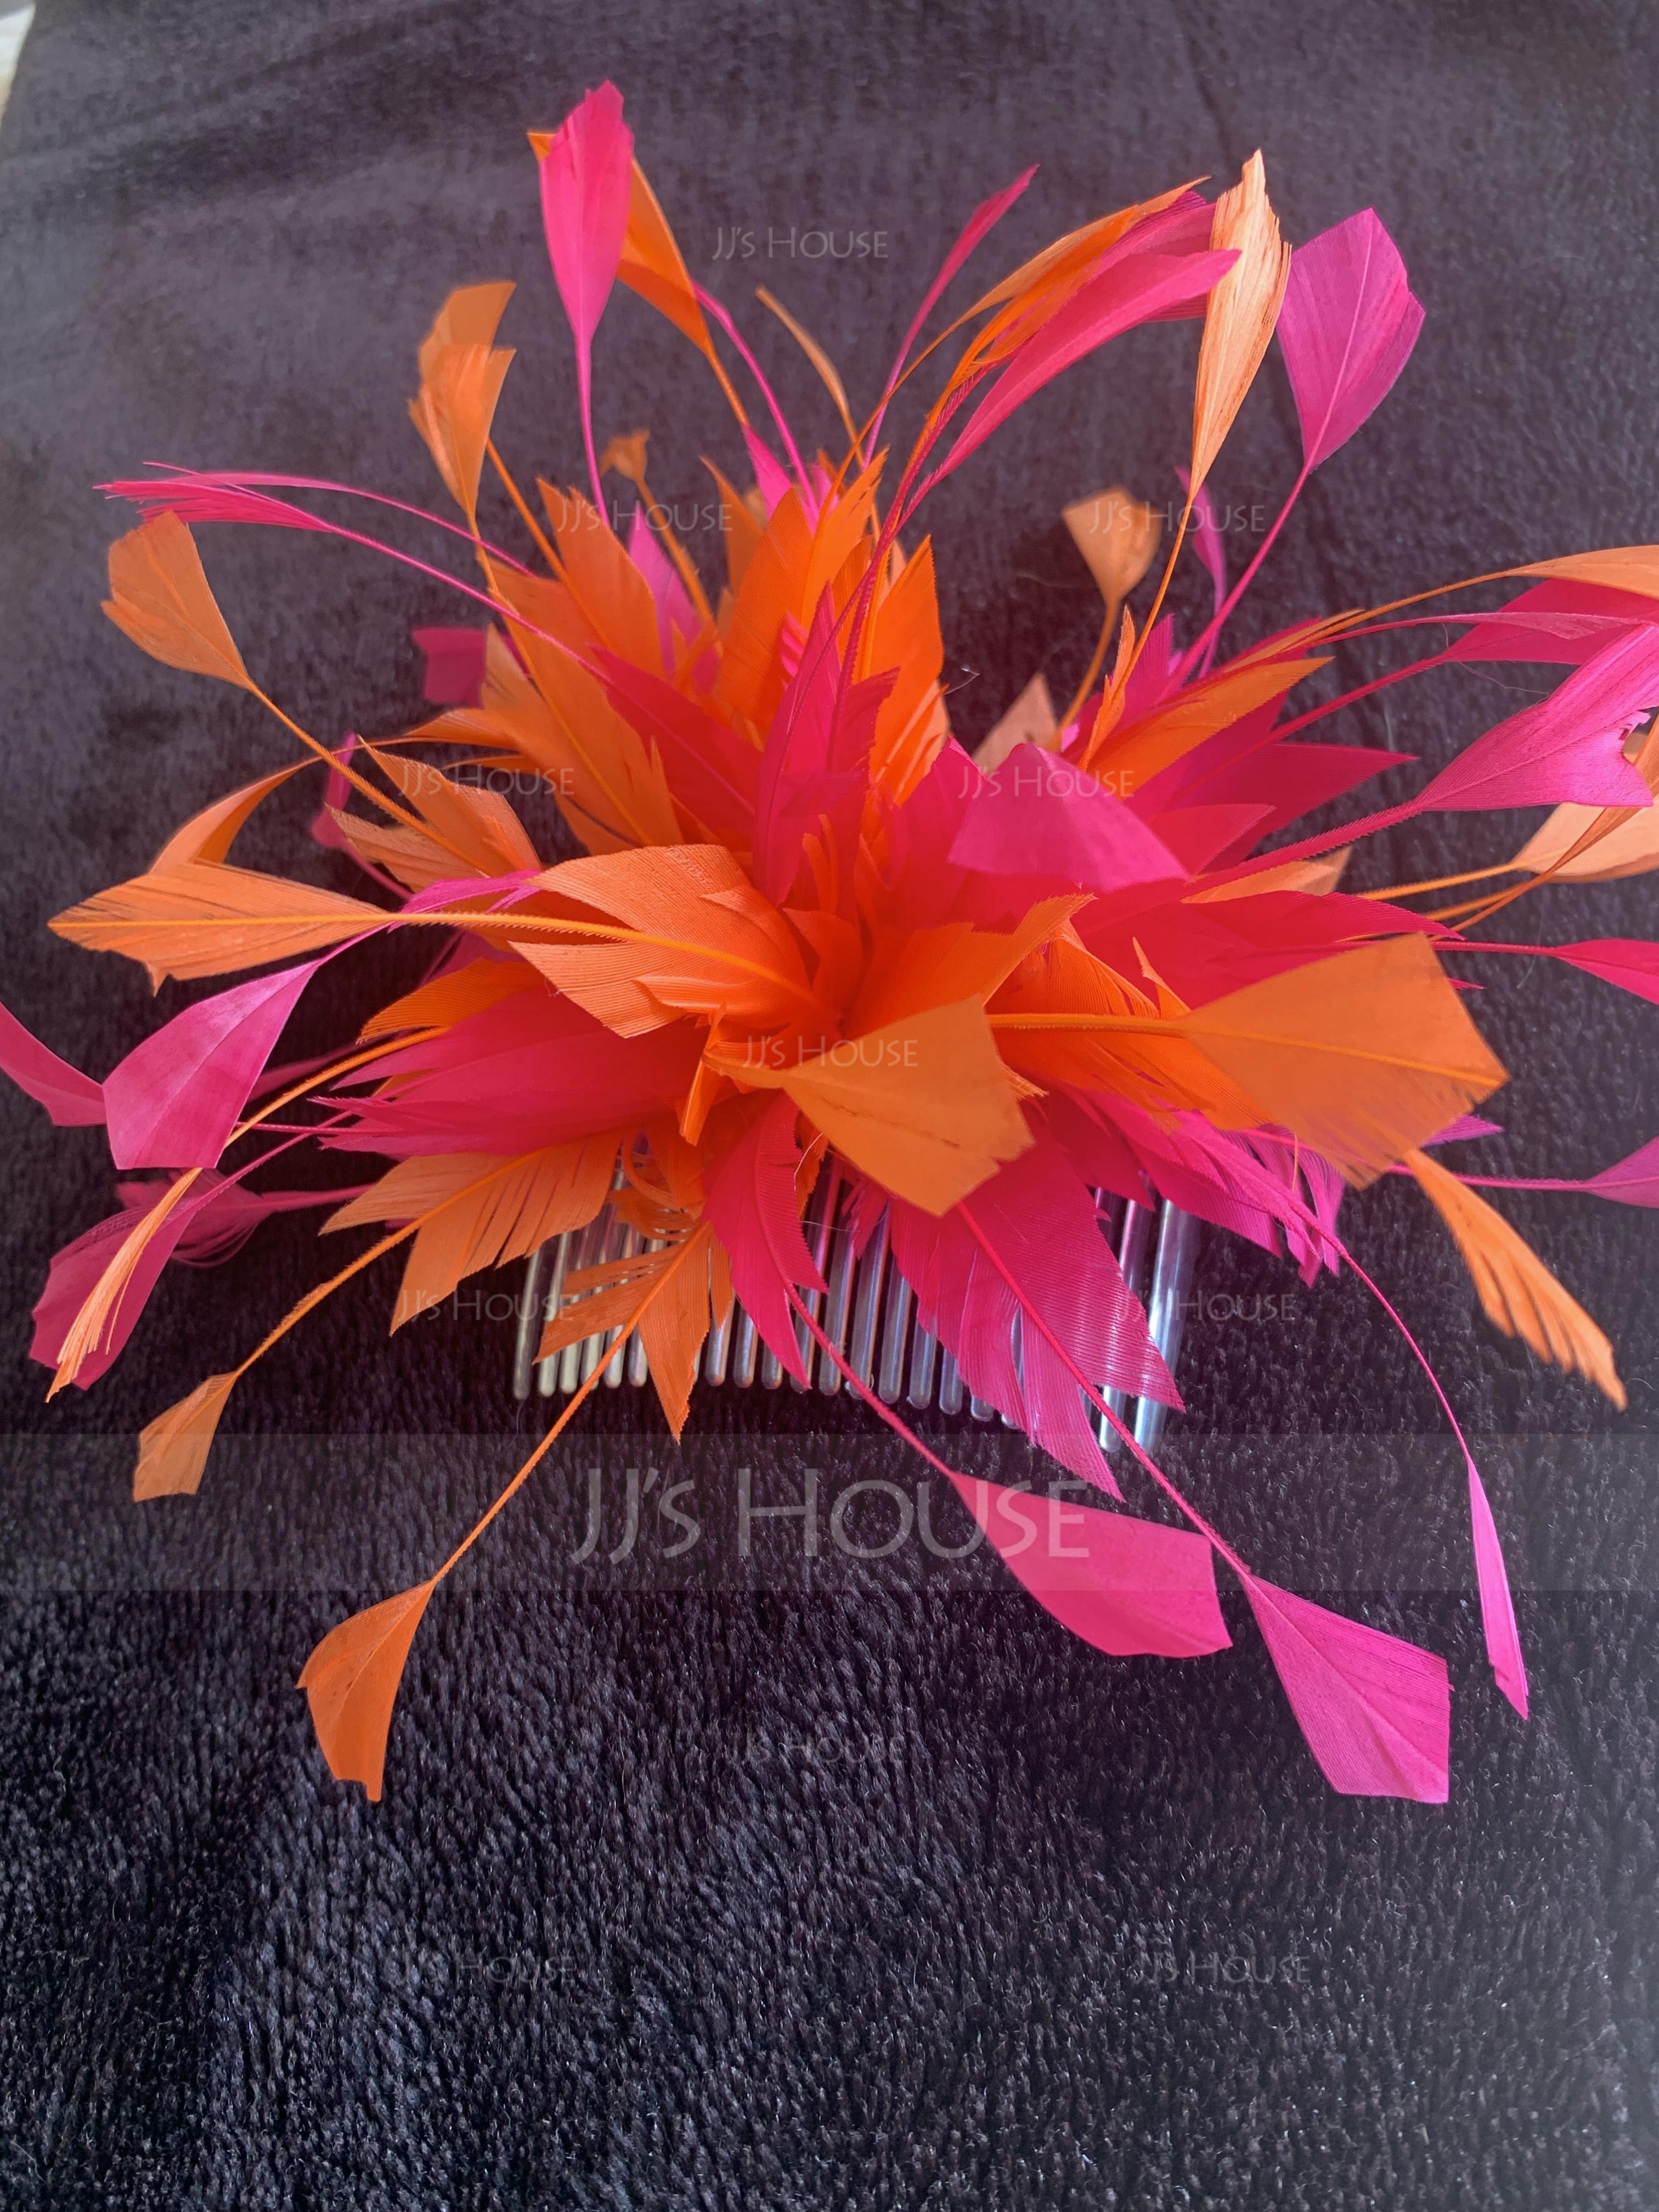 Ladies' Special フェザー とともに フェザー かぎ針編みスカーフ/ケンタッキーダービー帽子